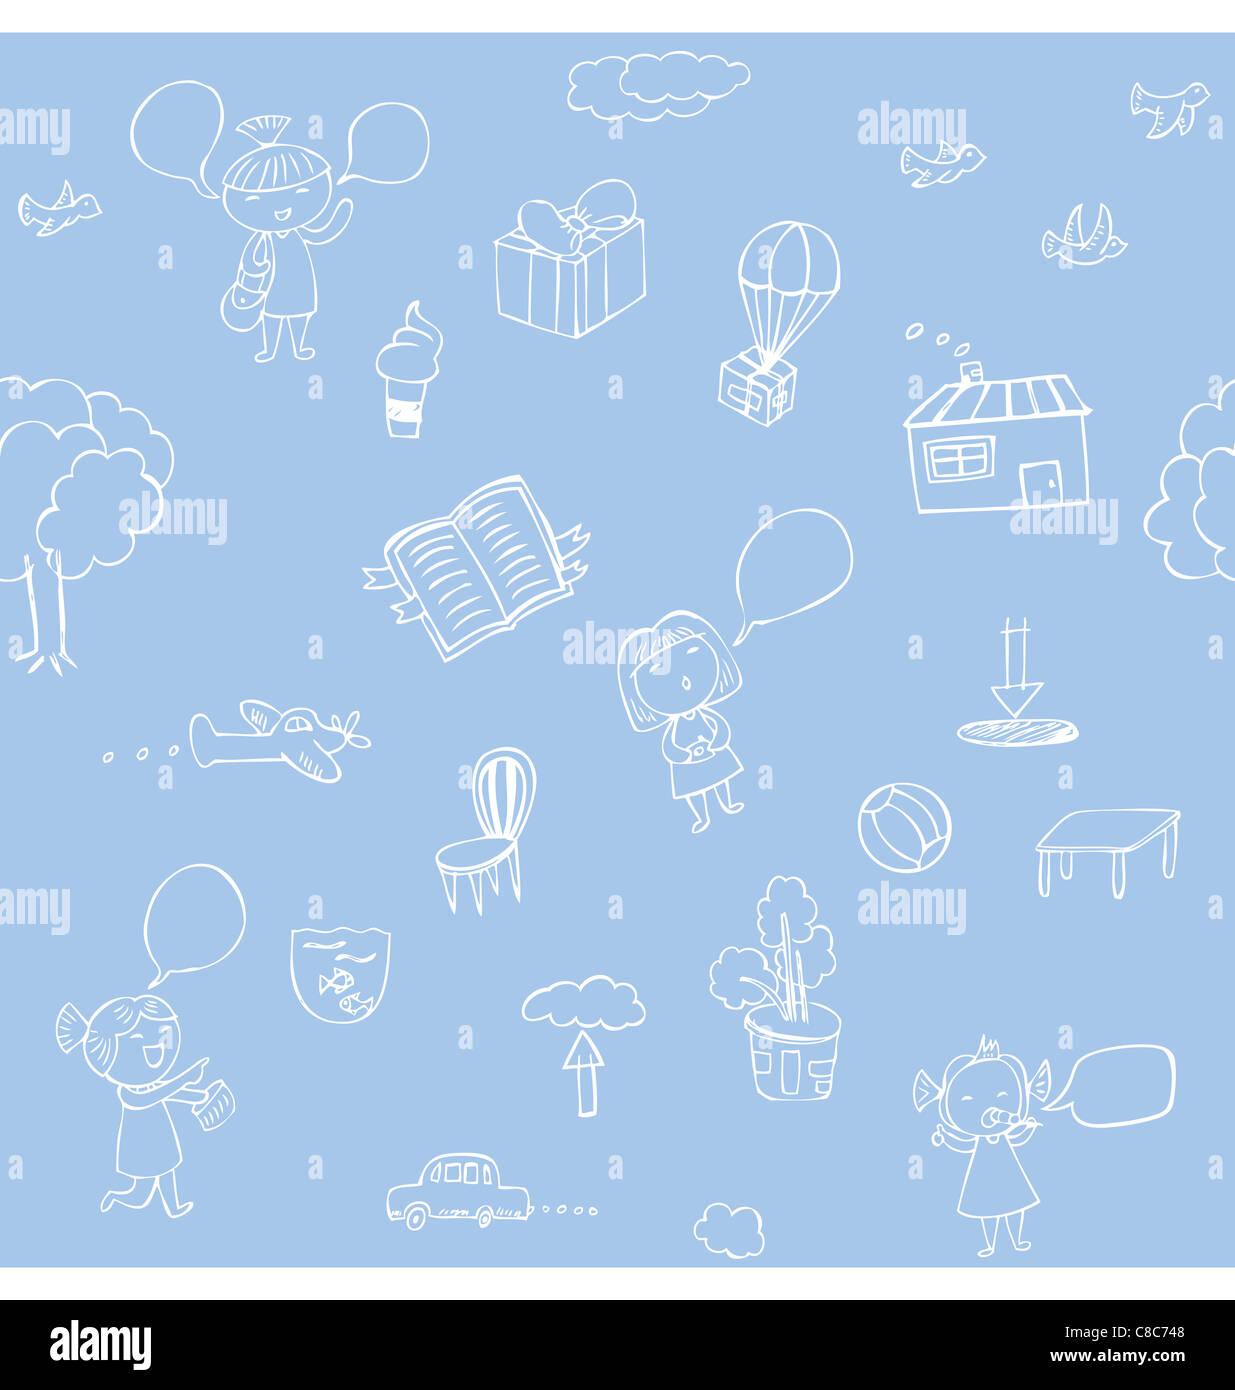 Patrón sin fisuras de bocetos mano ilustración acerca de la naturaleza y viajar. Imagen De Stock